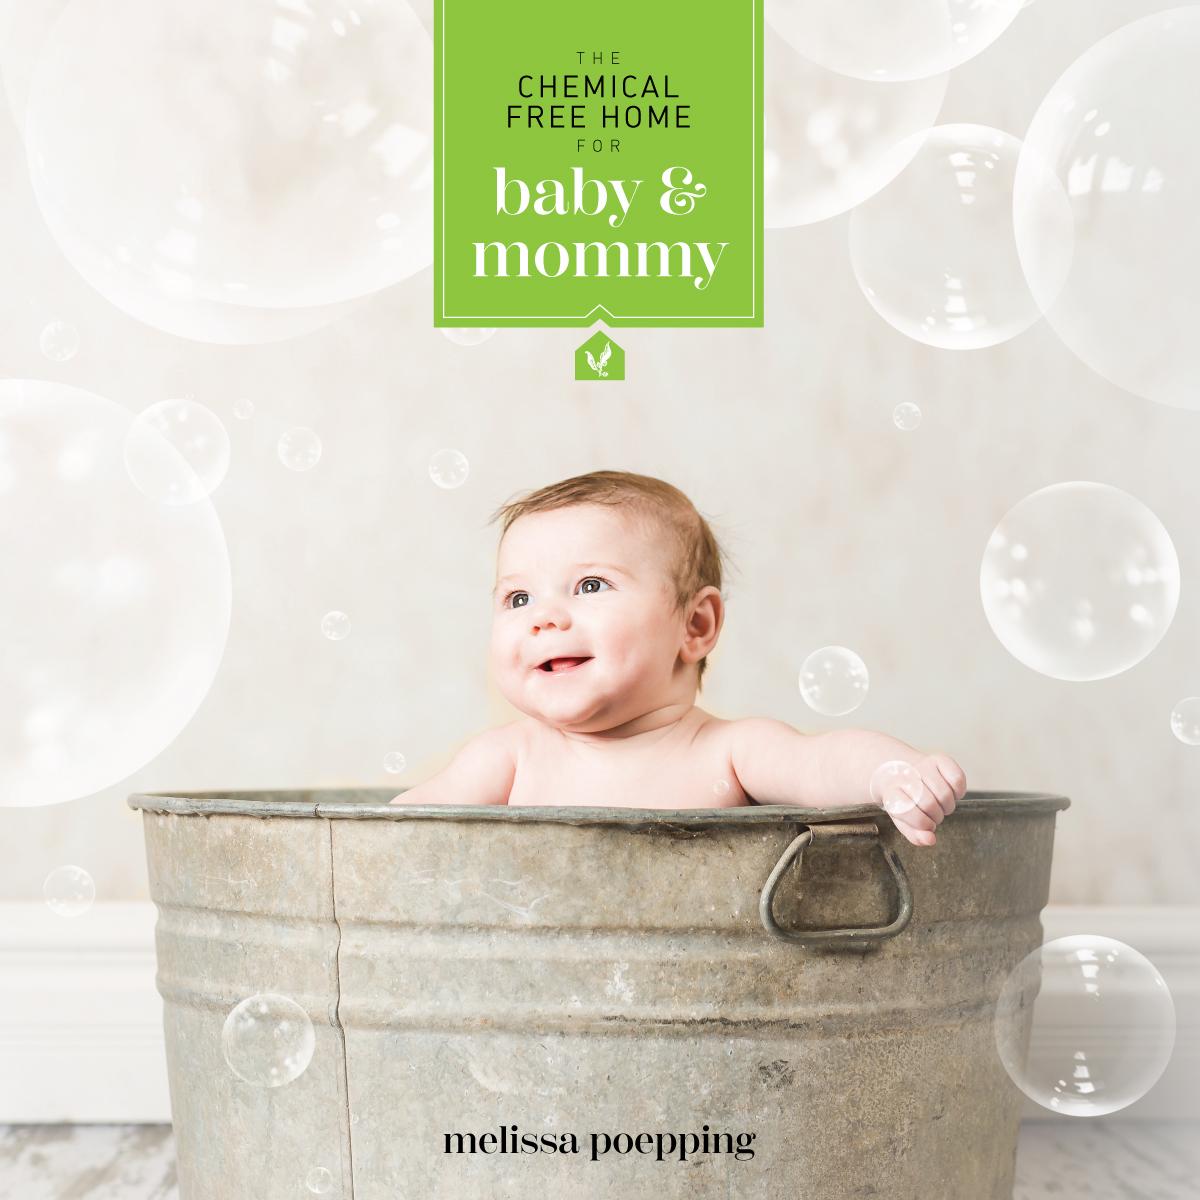 CFH Book Covers Web-04.jpg